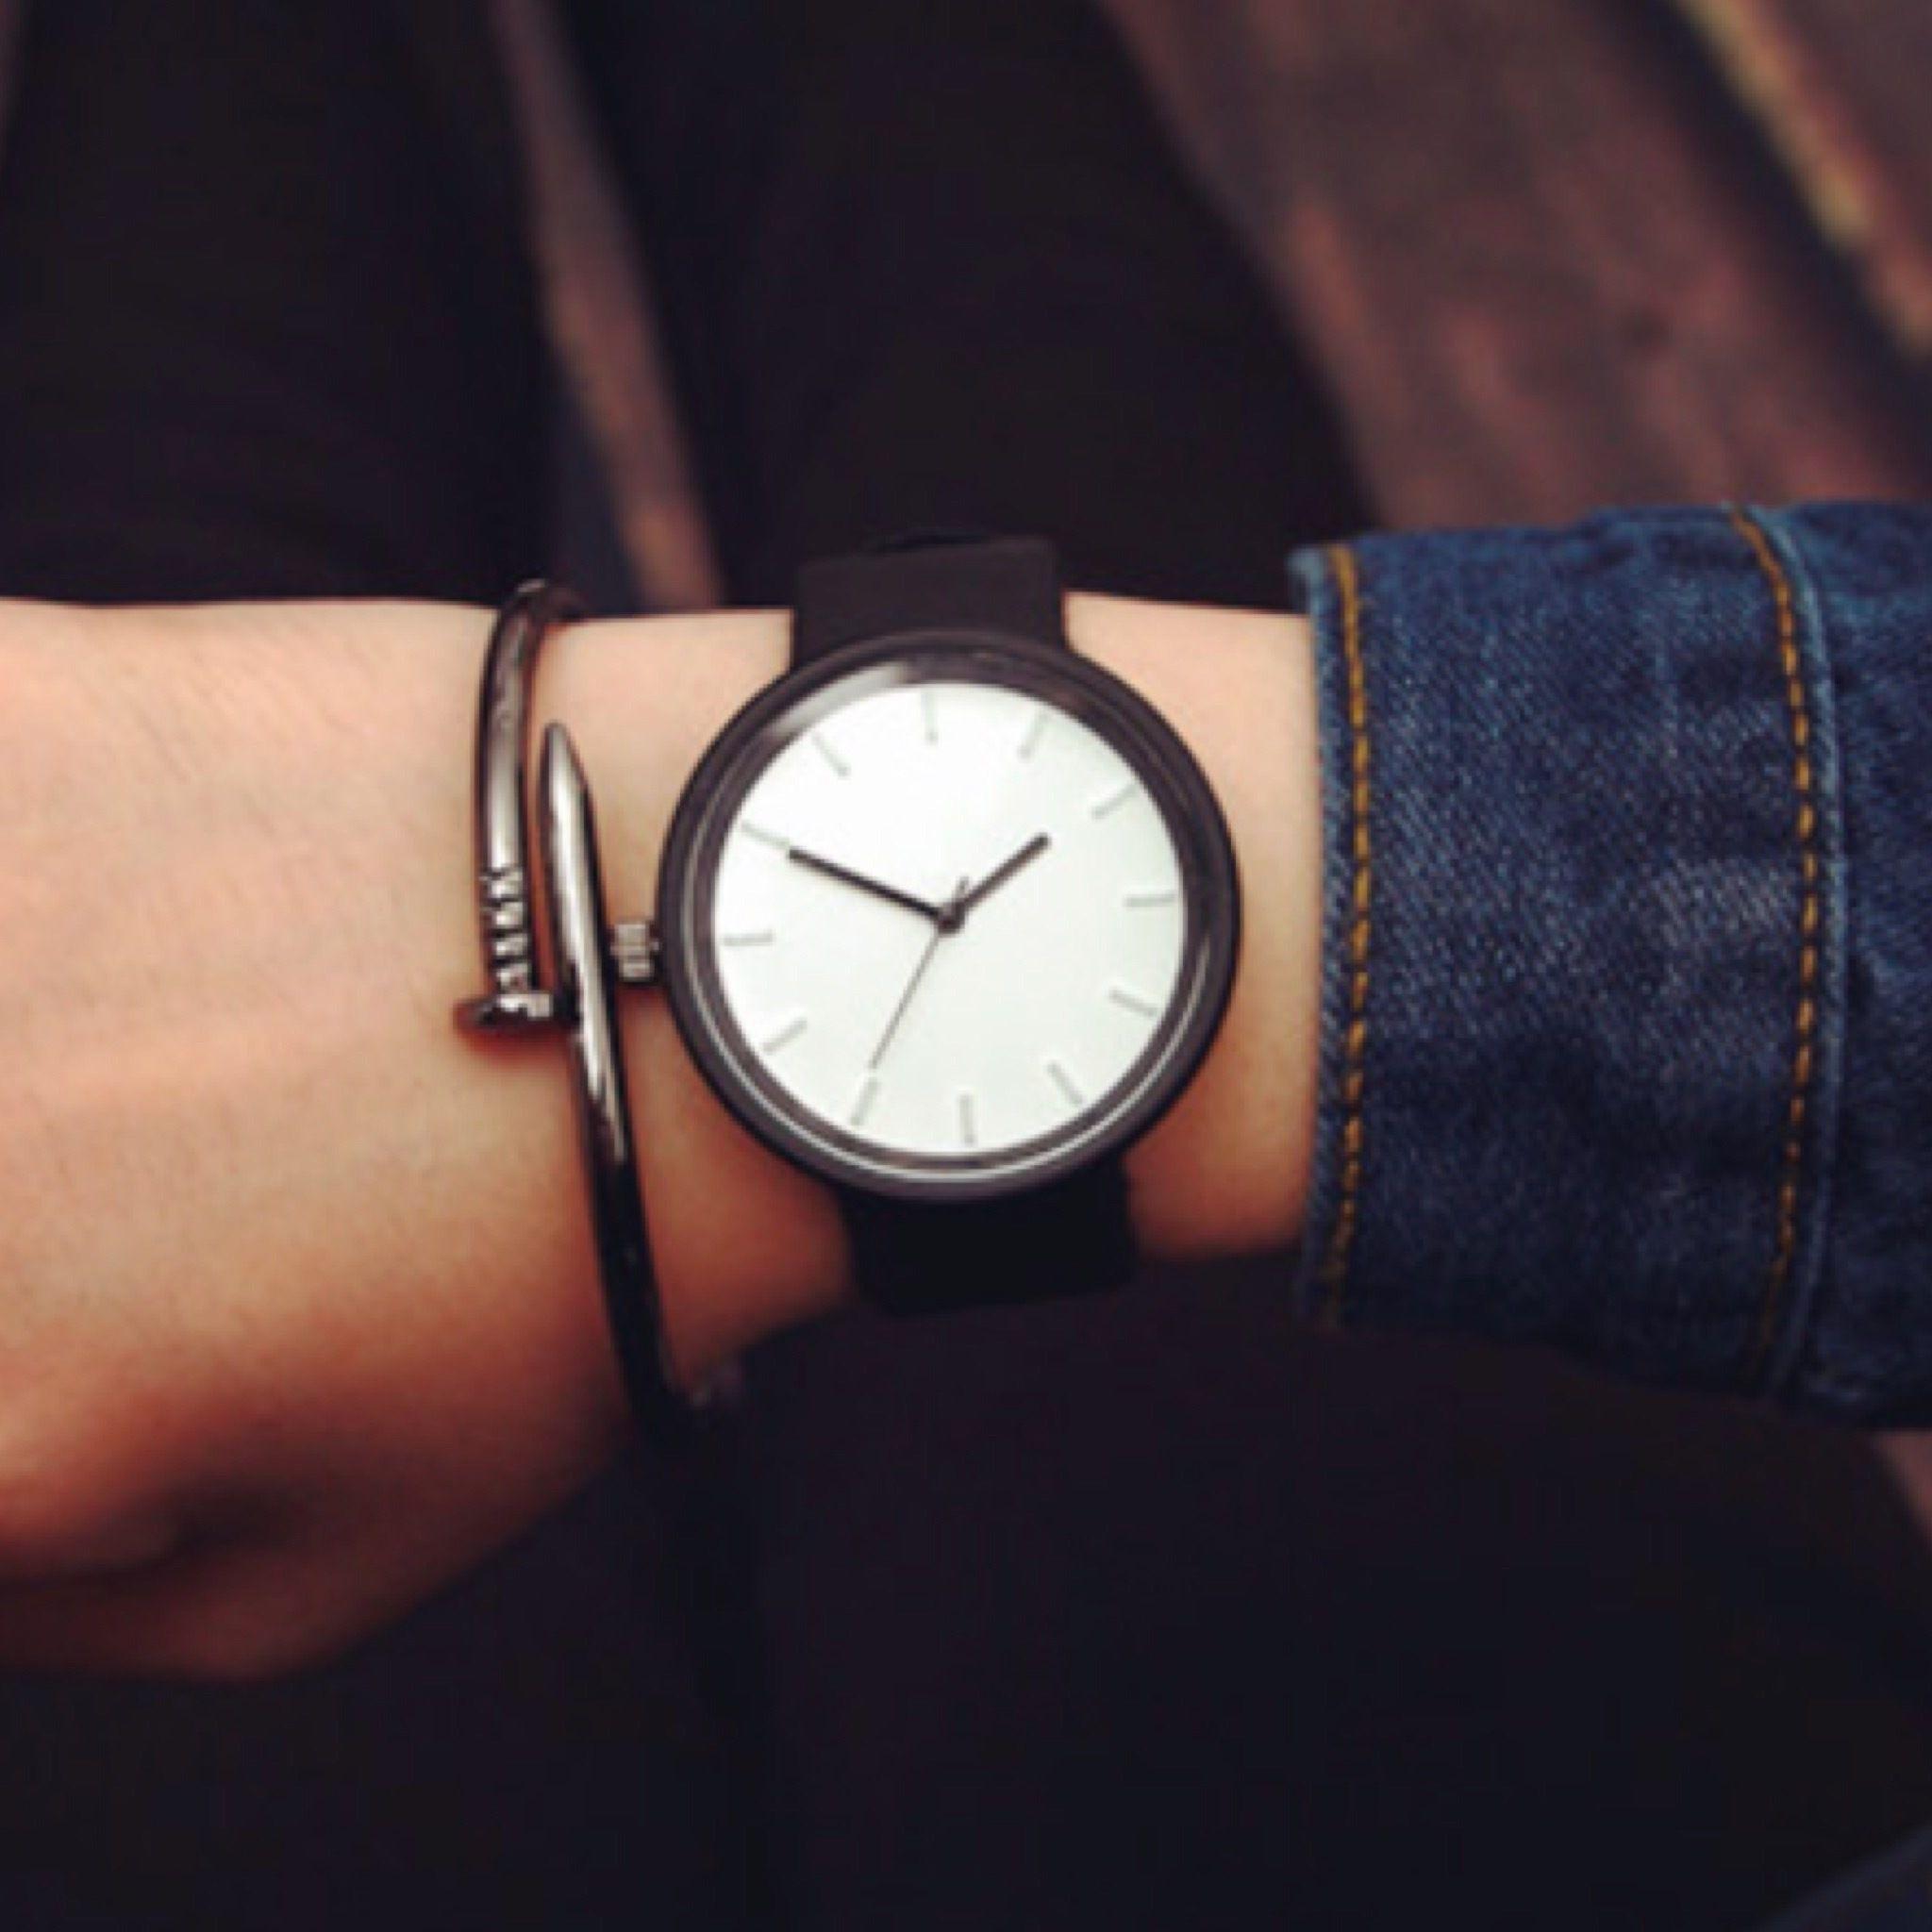 夏のシンプルウォッチ ホワイト  腕時計 メンズ レディース シンプル ギフト 人気 プレゼント 時計 おしゃれ 安い かわいい プチプラ ブレスレット